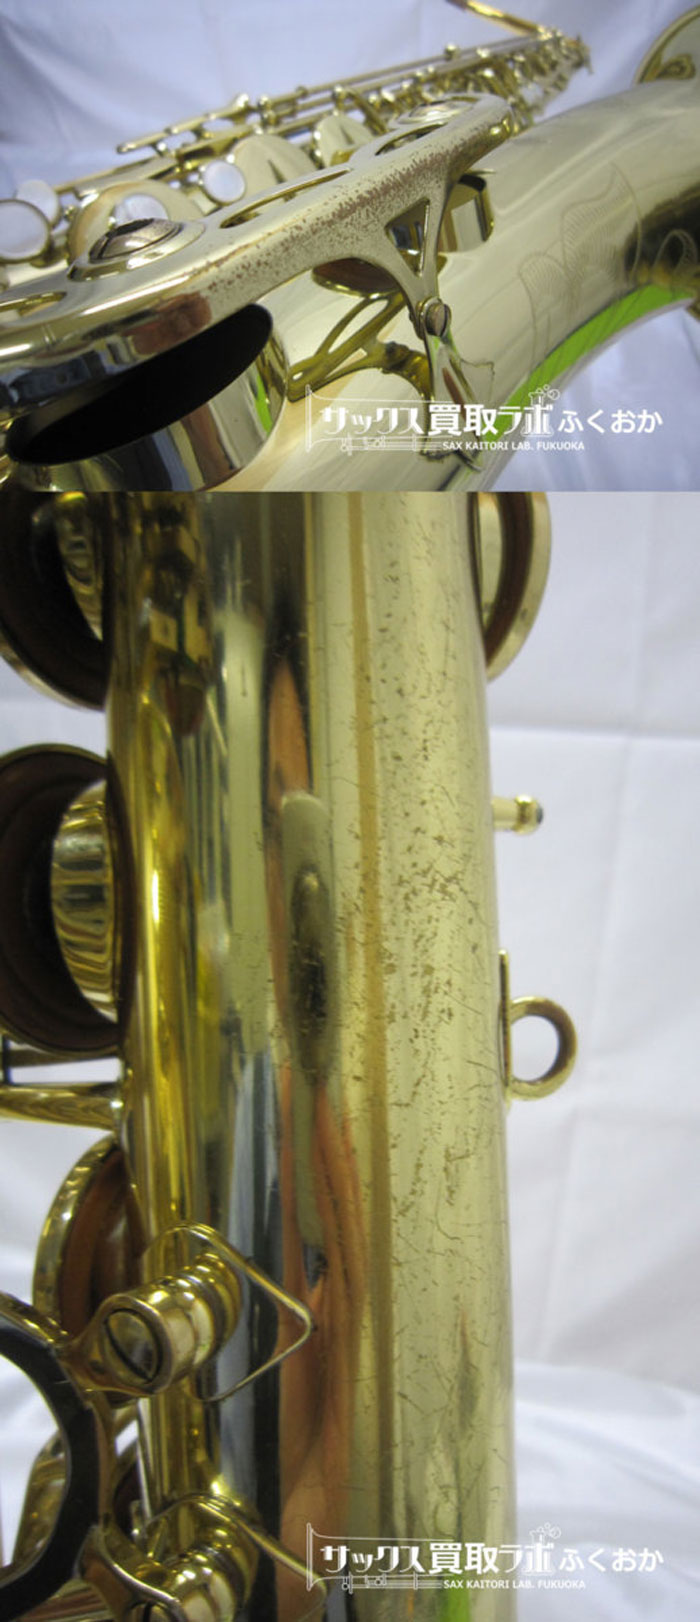 セルマー 中古テナーサックス シリーズ3 GPtone 金メッキネック 彫刻あり N634900の外観6